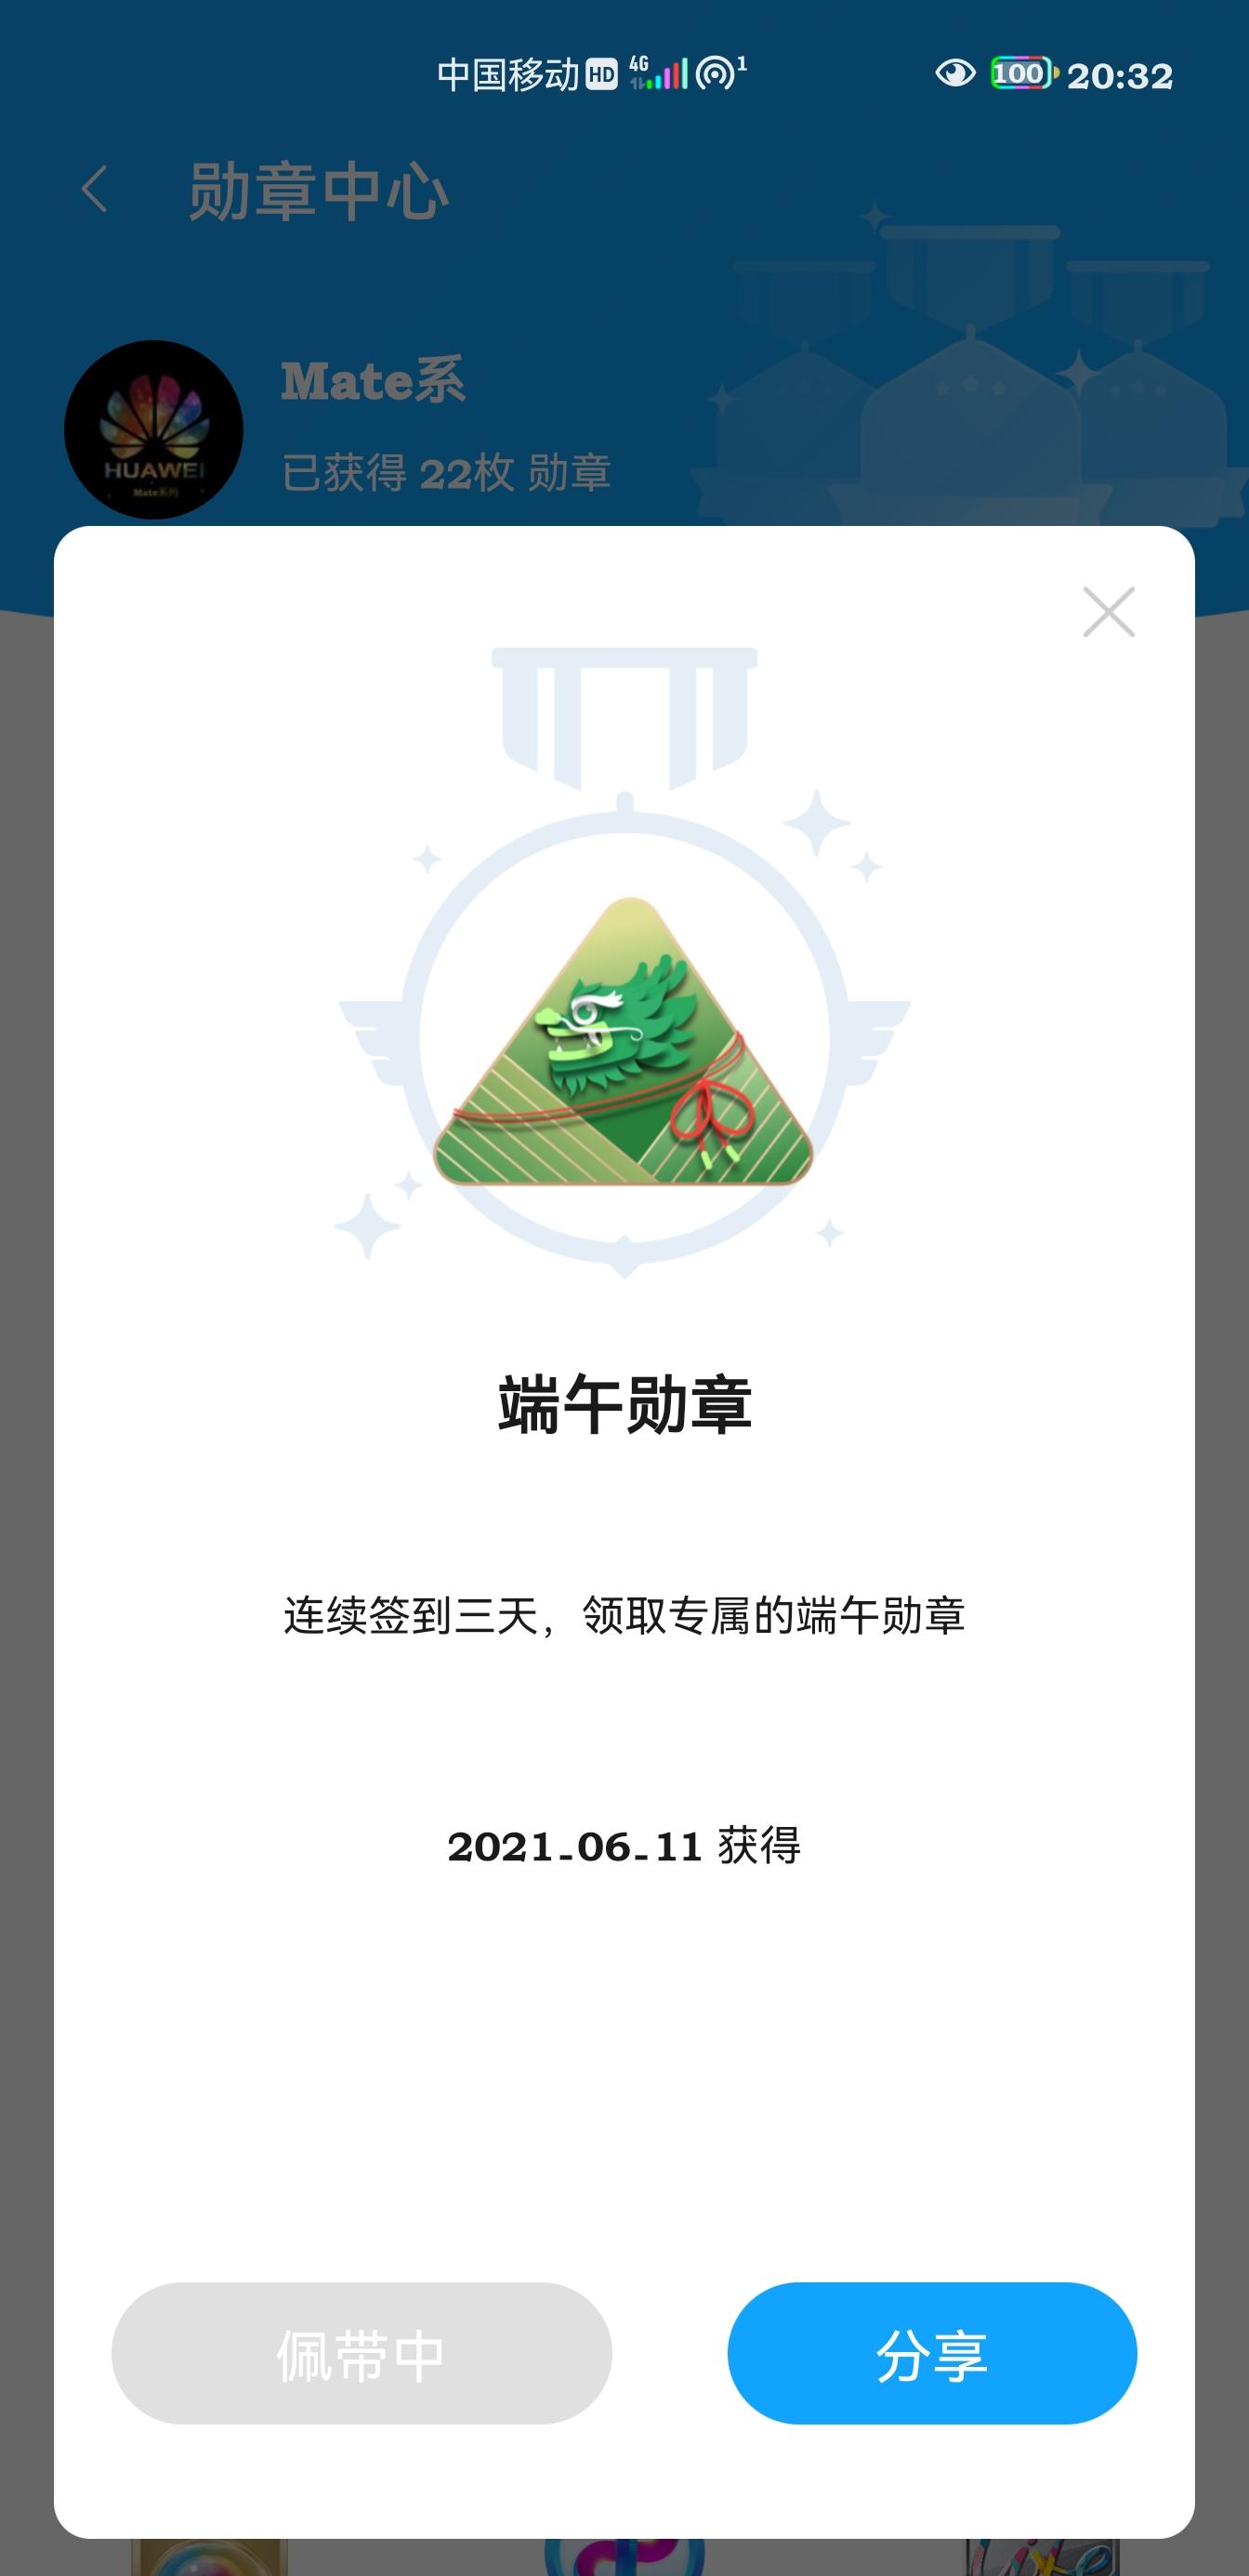 Screenshot_20210611_203229_com.huawei.fans.jpg